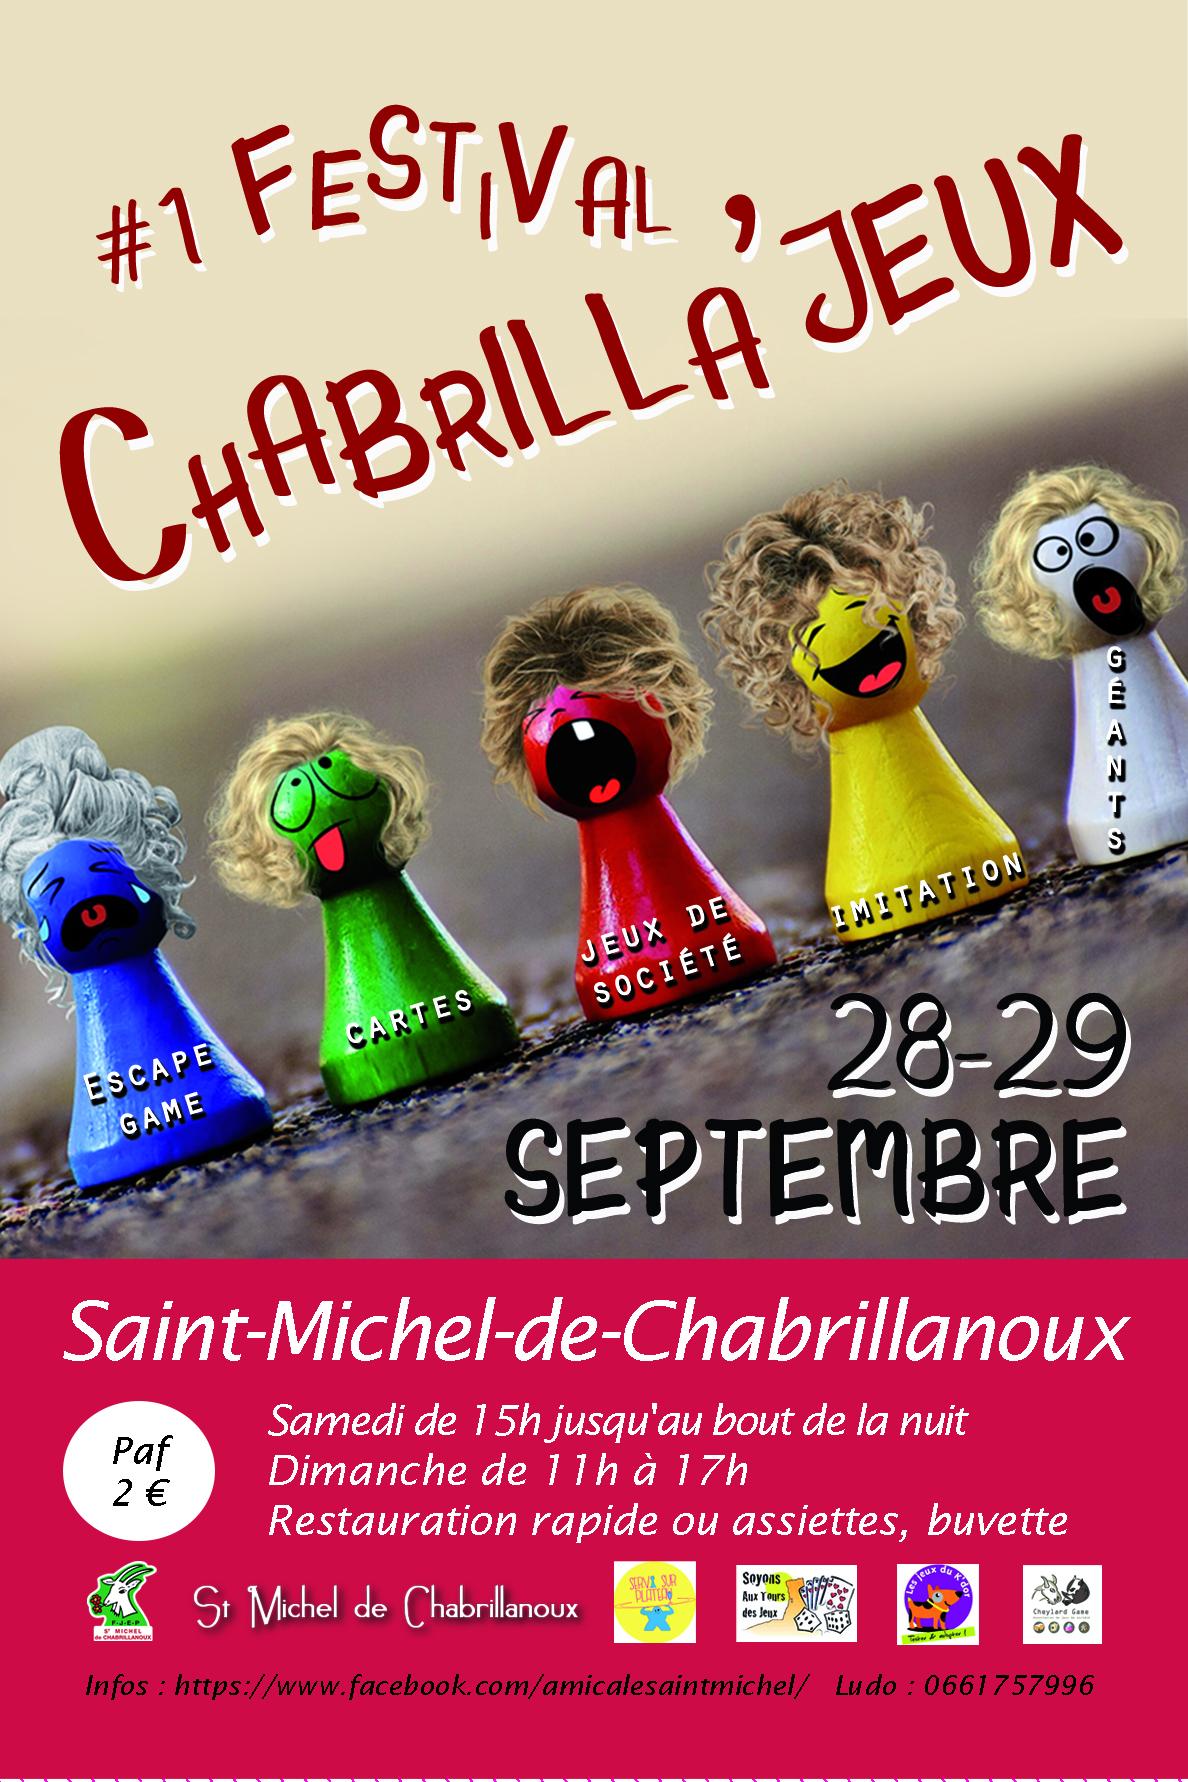 #1 Festival Chabrilla'jeux